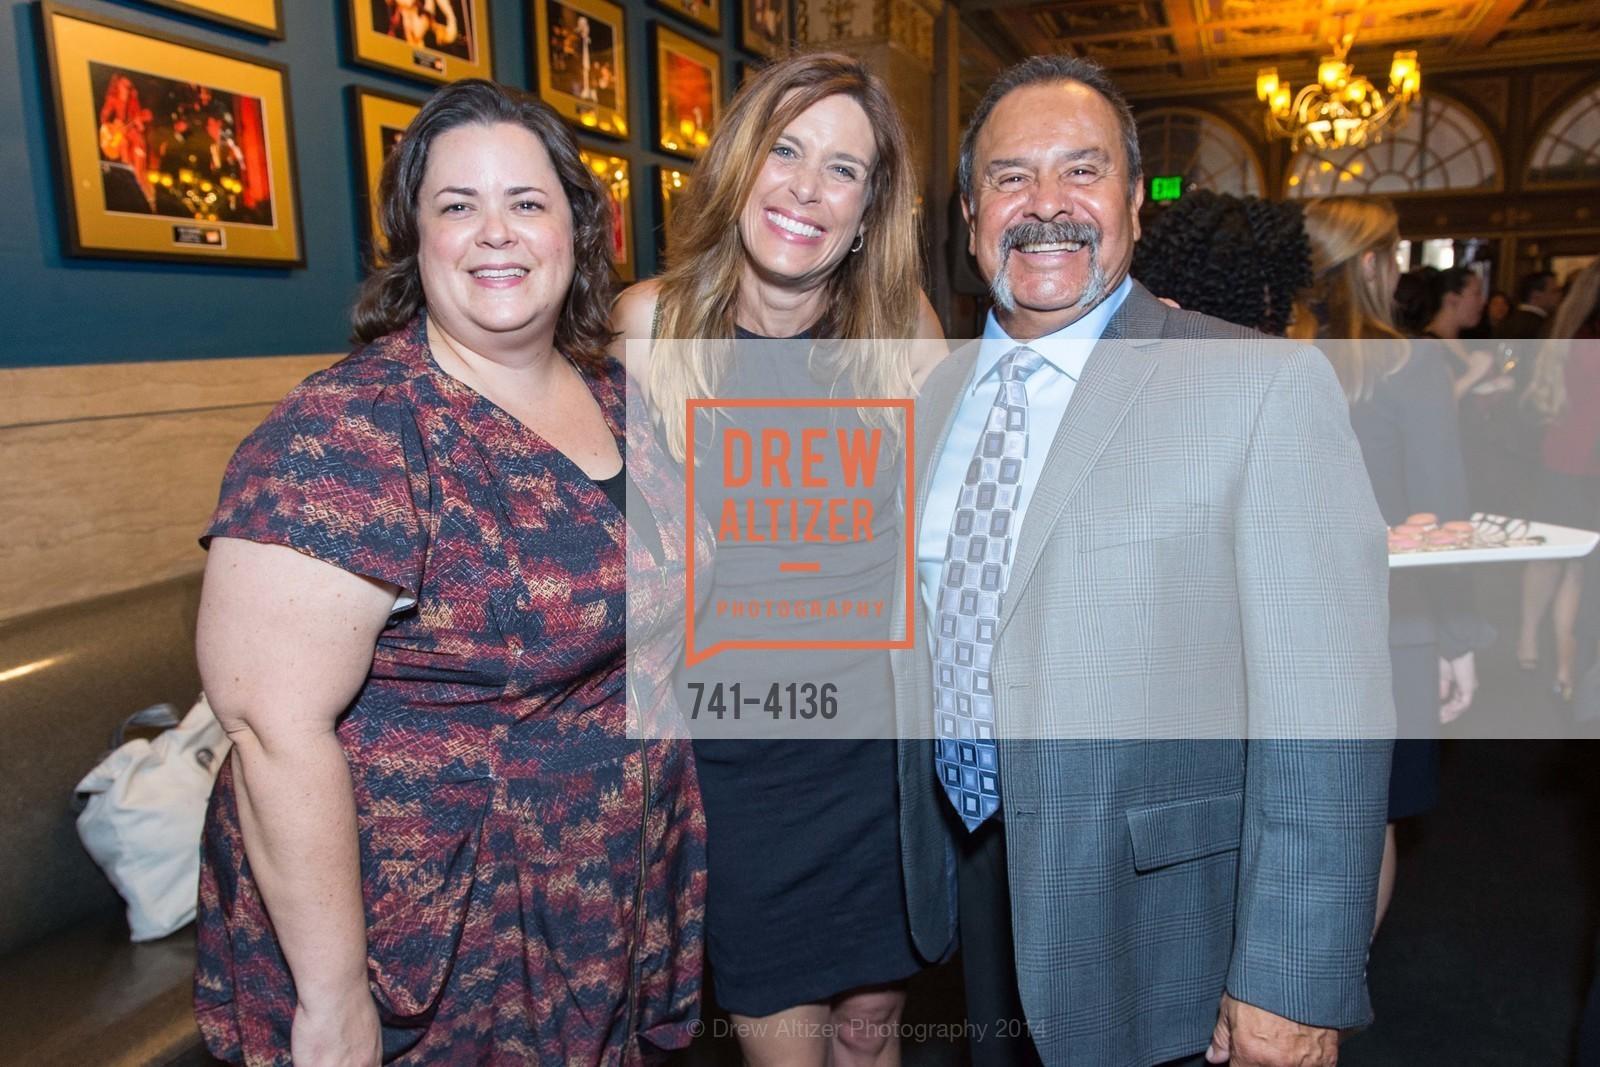 Shawn Smith, Krista Sheyen, John Raya, Photo #741-4136